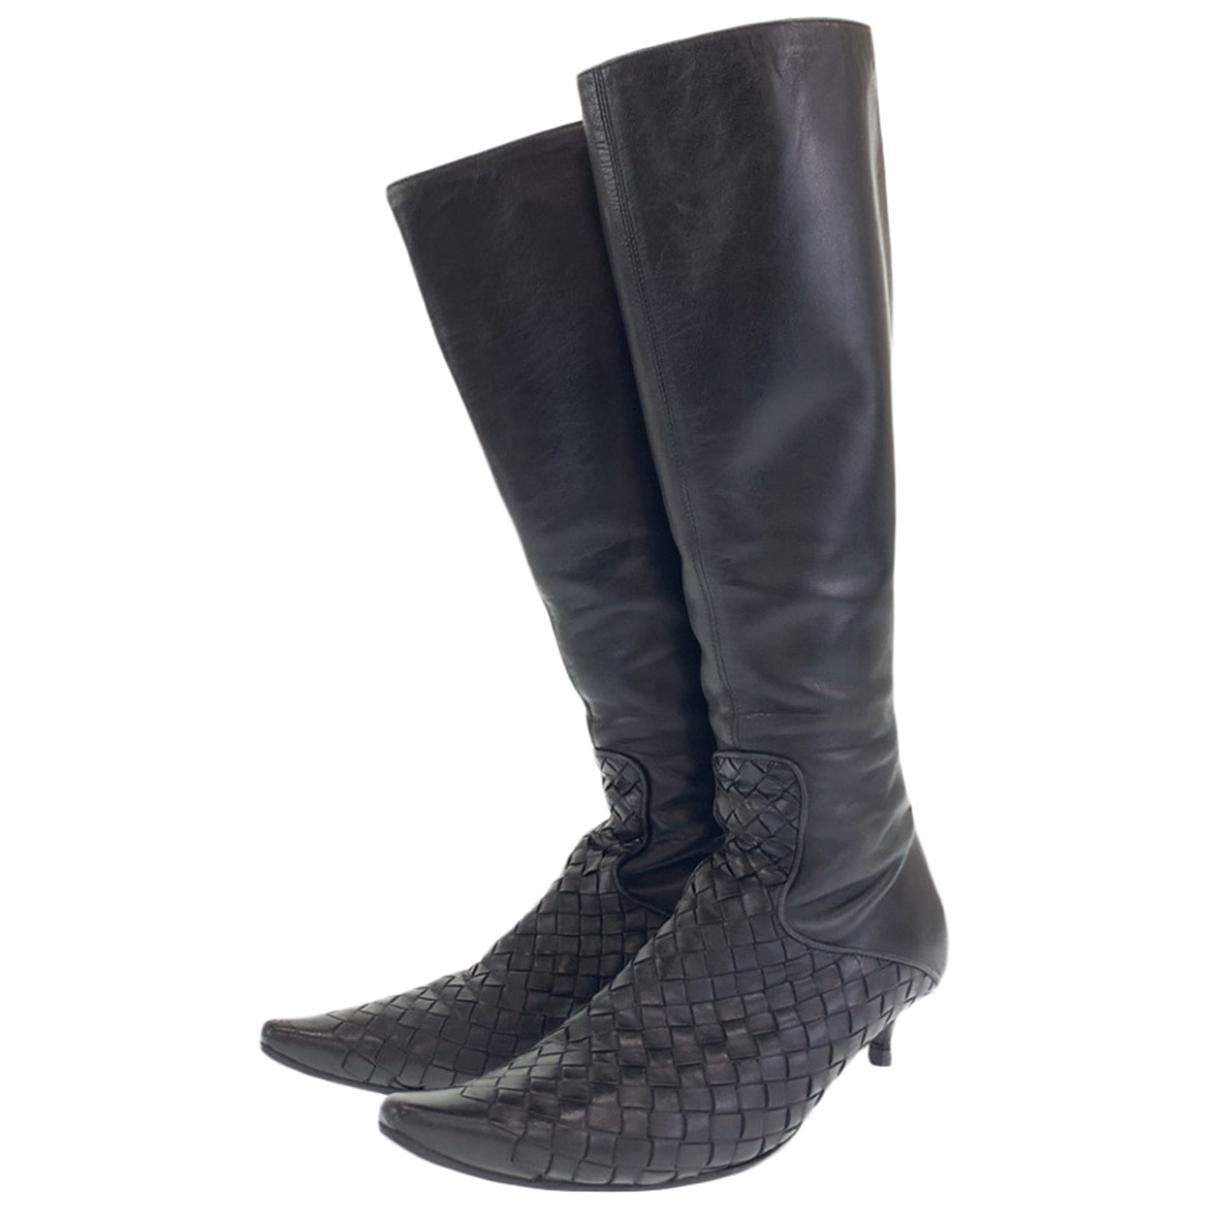 Bottega Veneta N Leather Boots for Women 38.5 EU